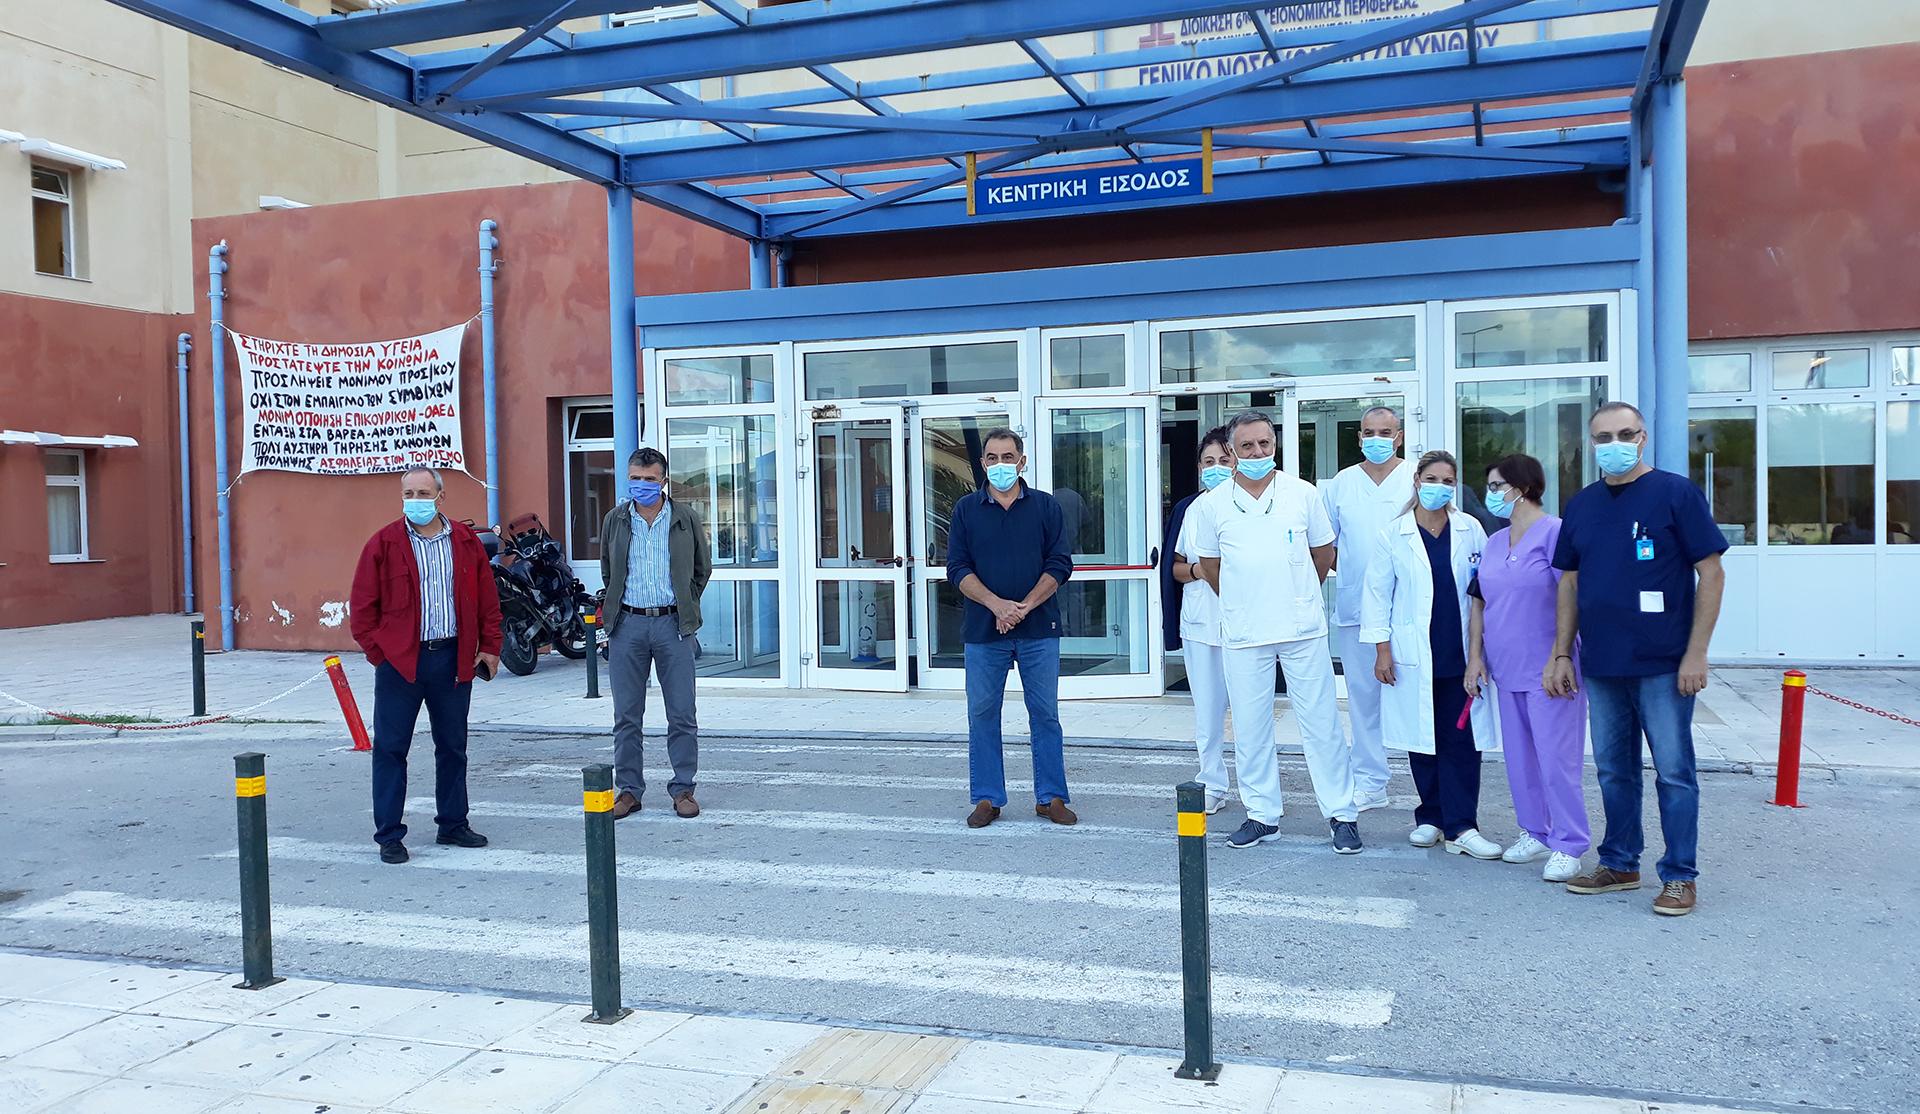 Οι επισκέπτες αφήνουν προίκα τον Κορωναϊό - Δήμαρχος Ζακύνθου, Βουλευτής και Αντιπεριφερειάρχης θα είναι υπόλογοι για ότι συμβεί